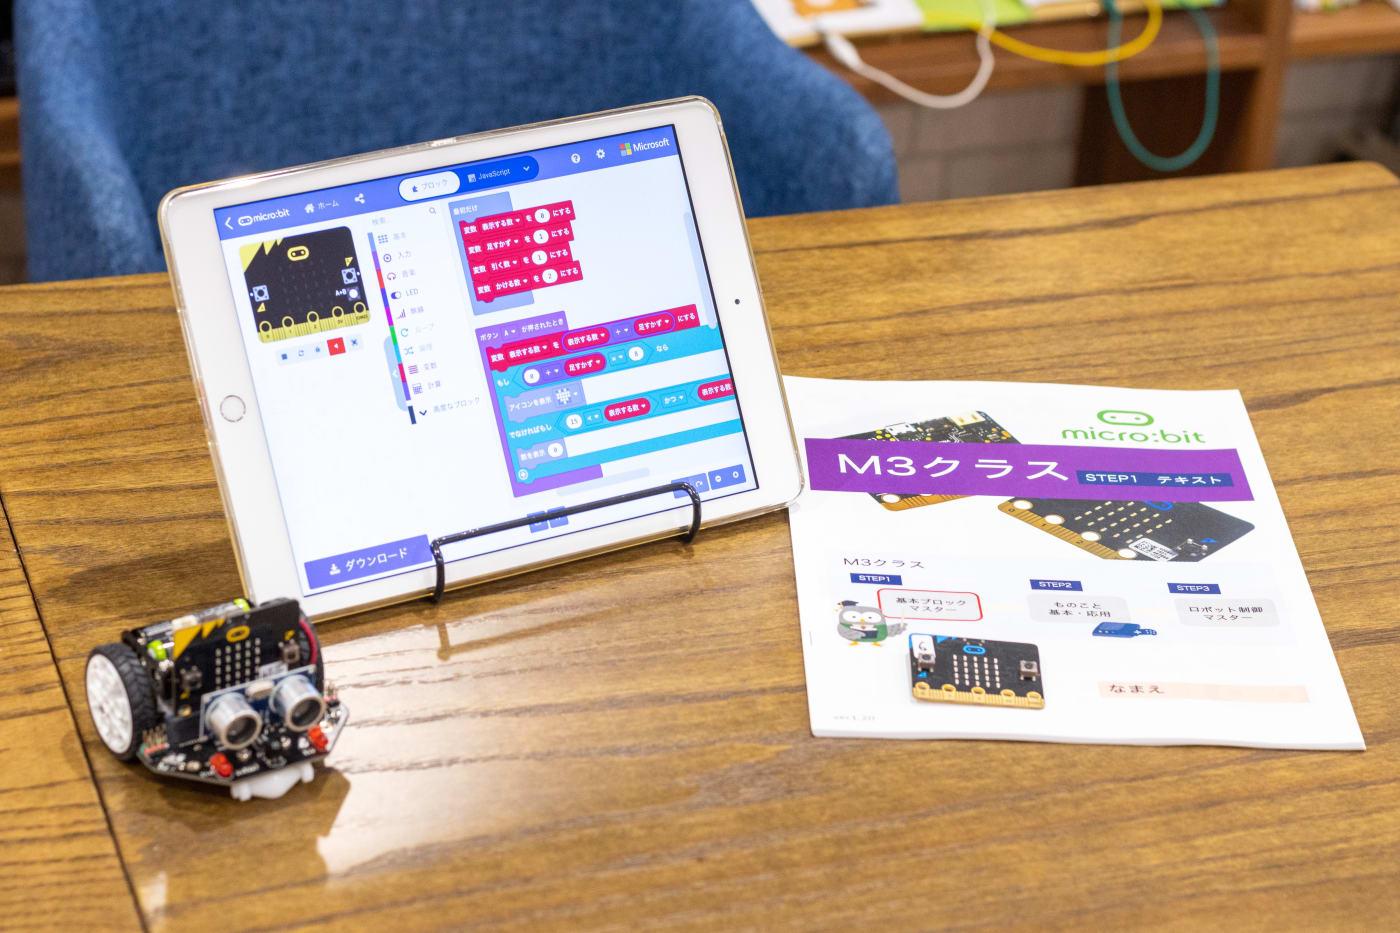 マイクロビット プログラミングスクール